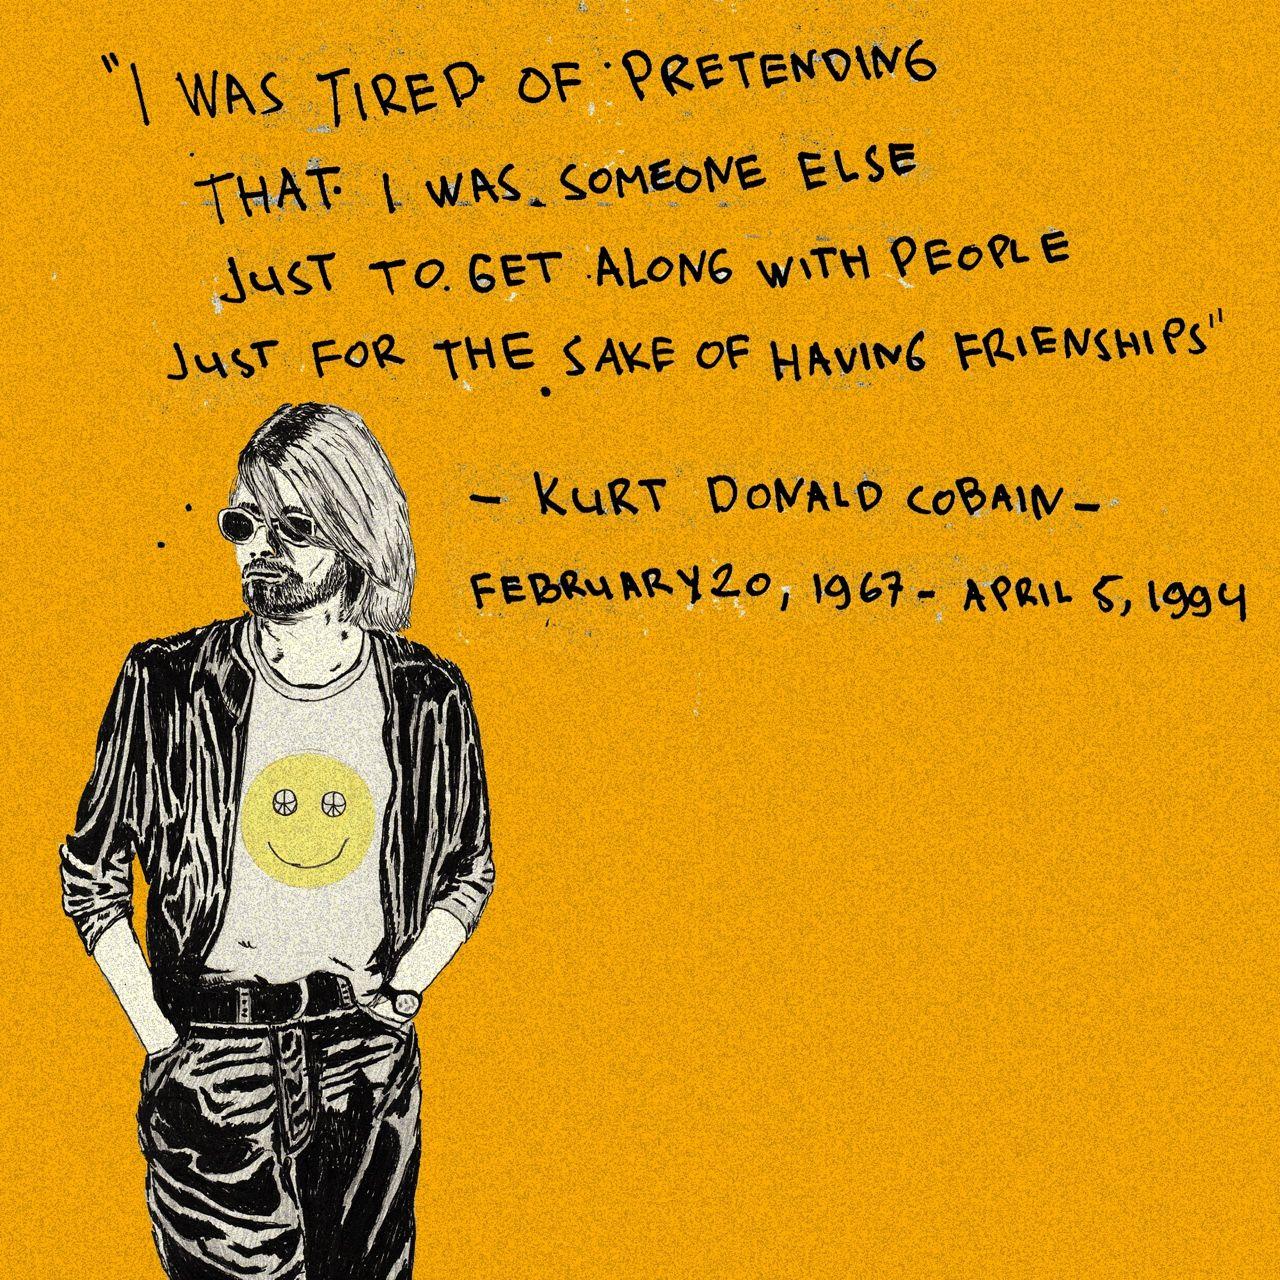 Happy birthday Kurt Donald Cobain